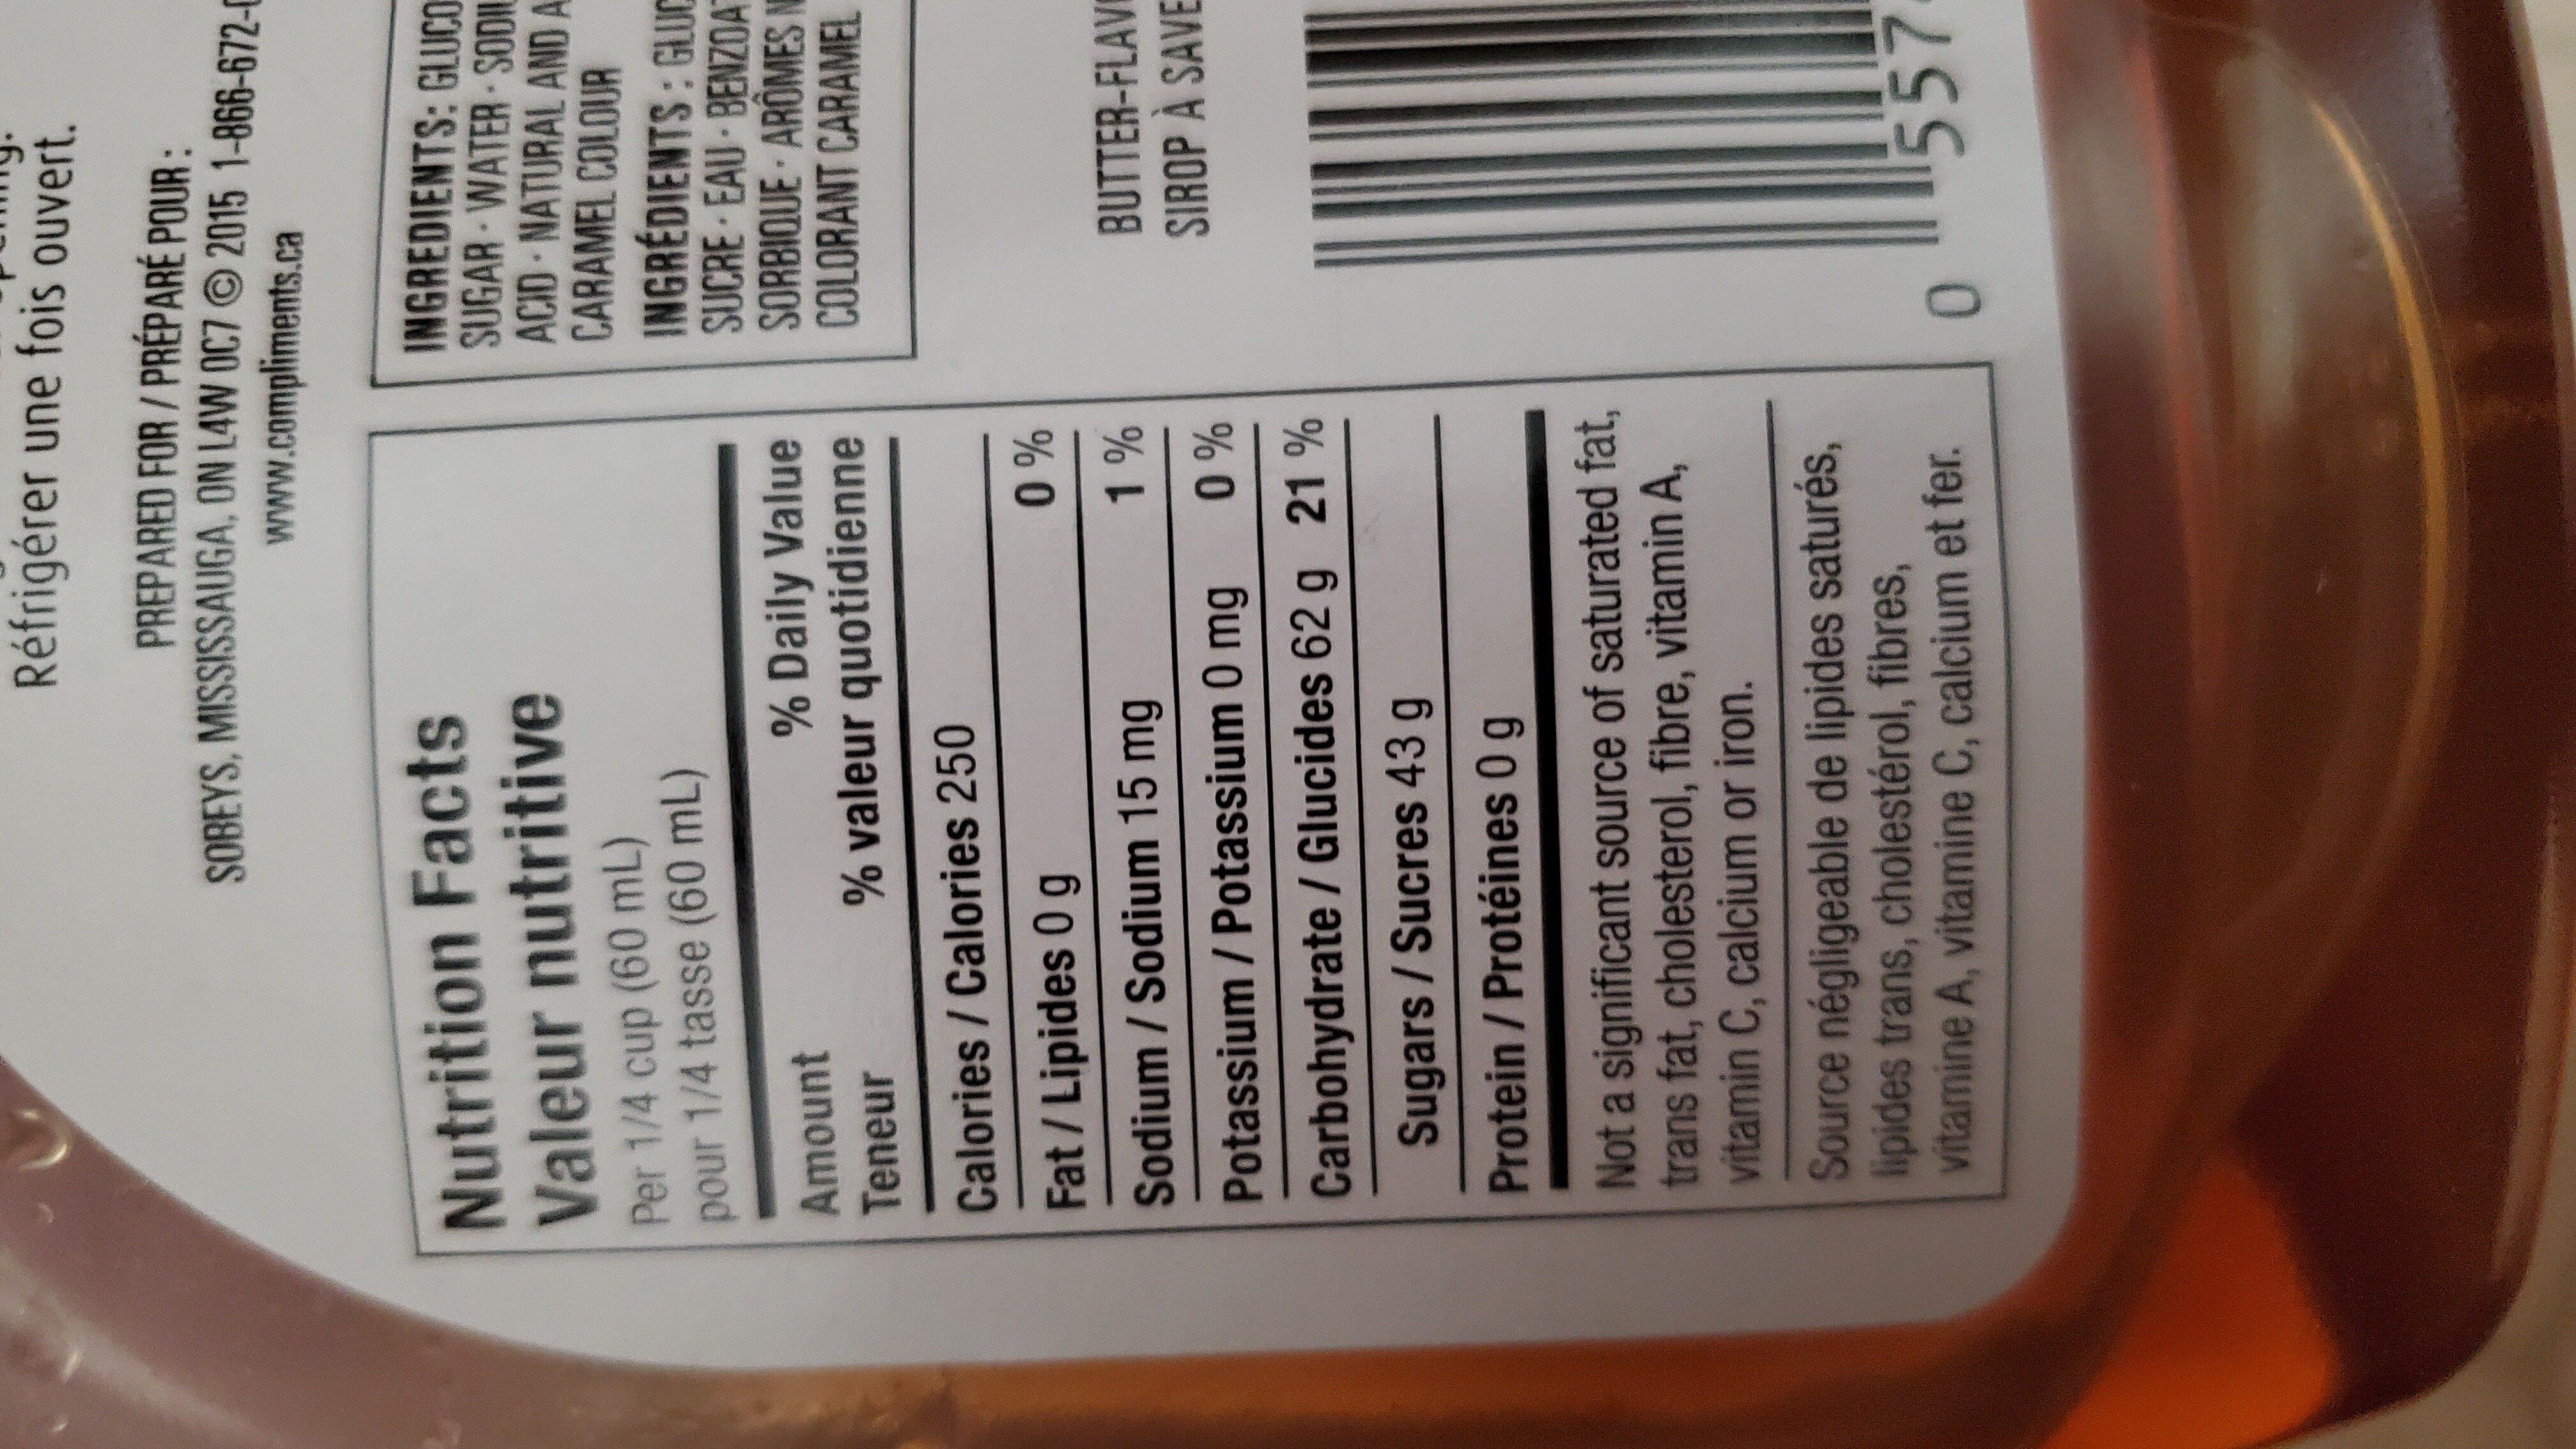 syrup - Ingrédients - en